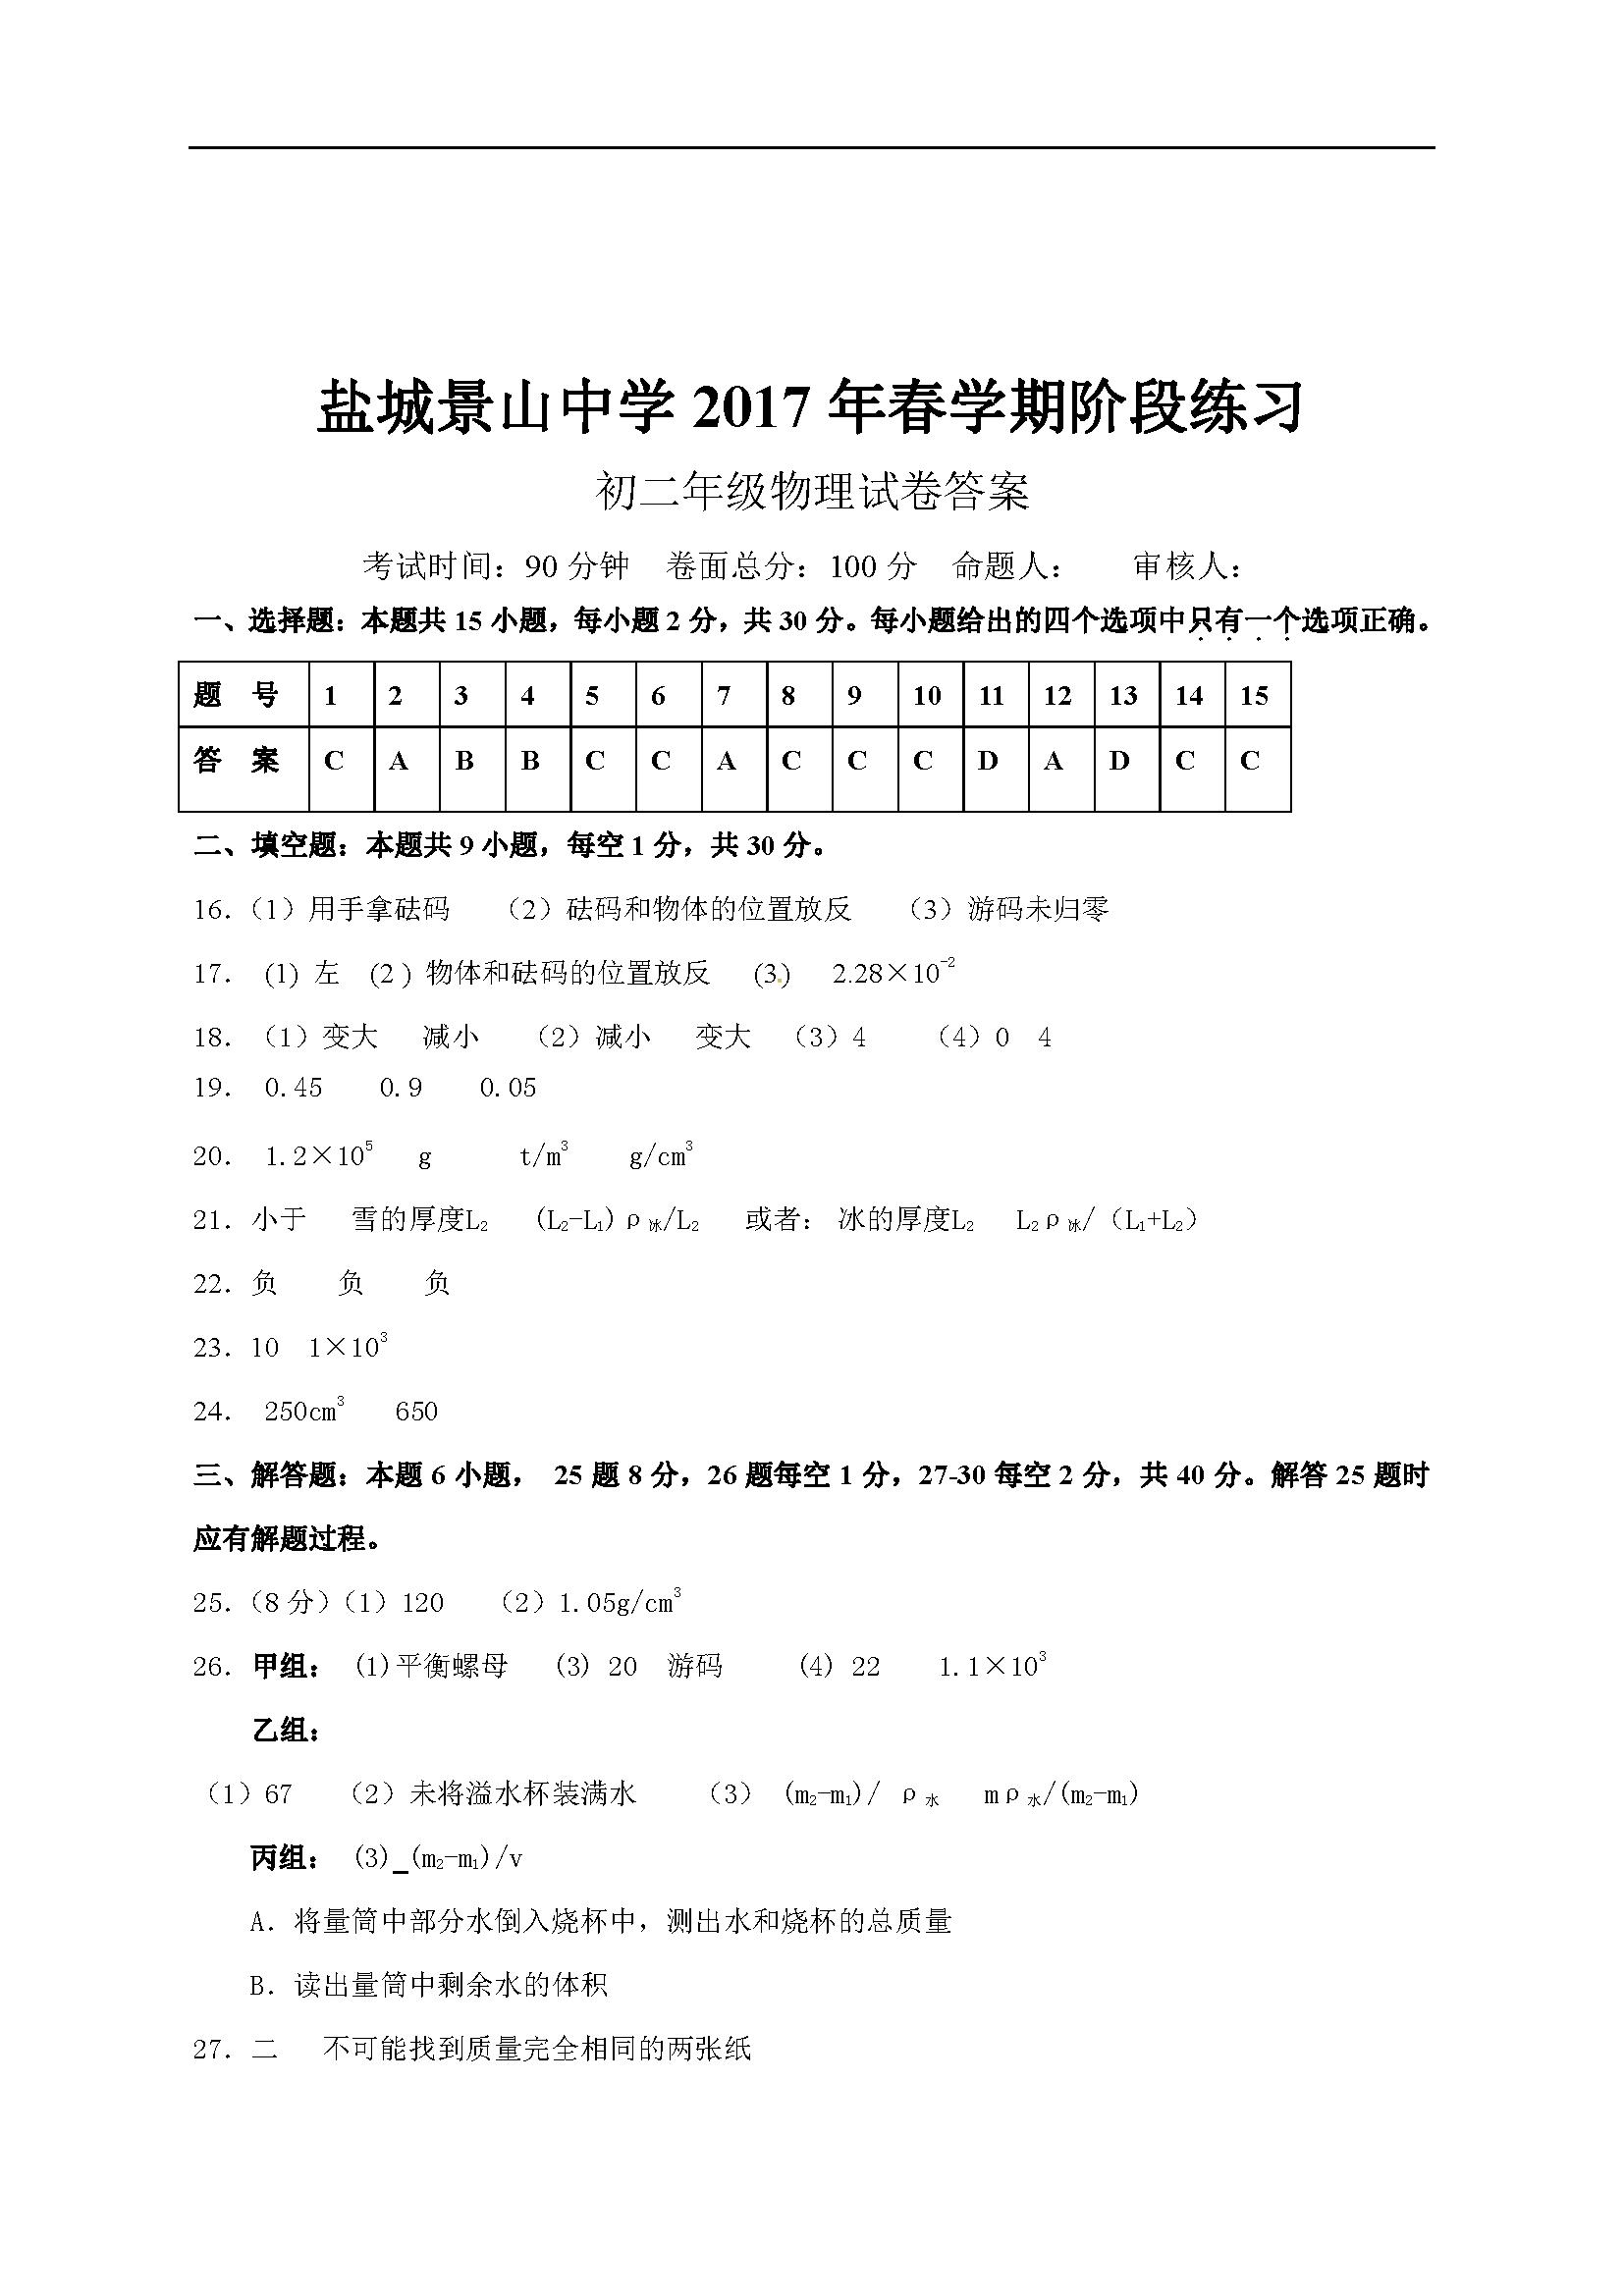 江苏盐城景山中学2016-2017八年级下第一次月考物理试题答案(Word版)